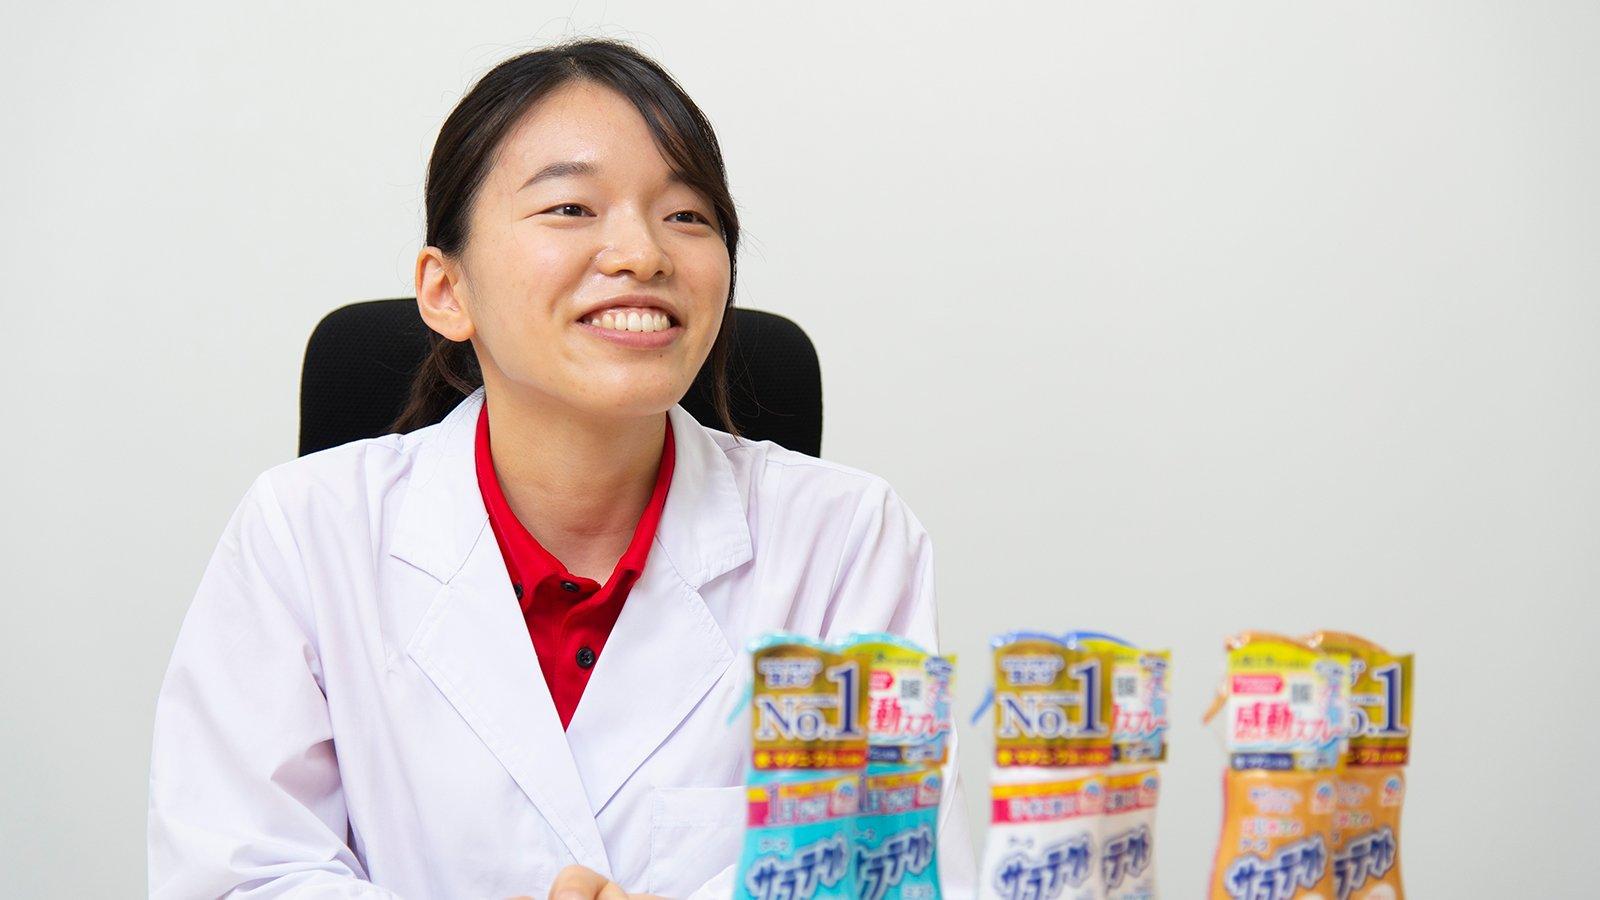 写真:アース製薬株式会社 研究開発本部 研究部 松本 明日香氏